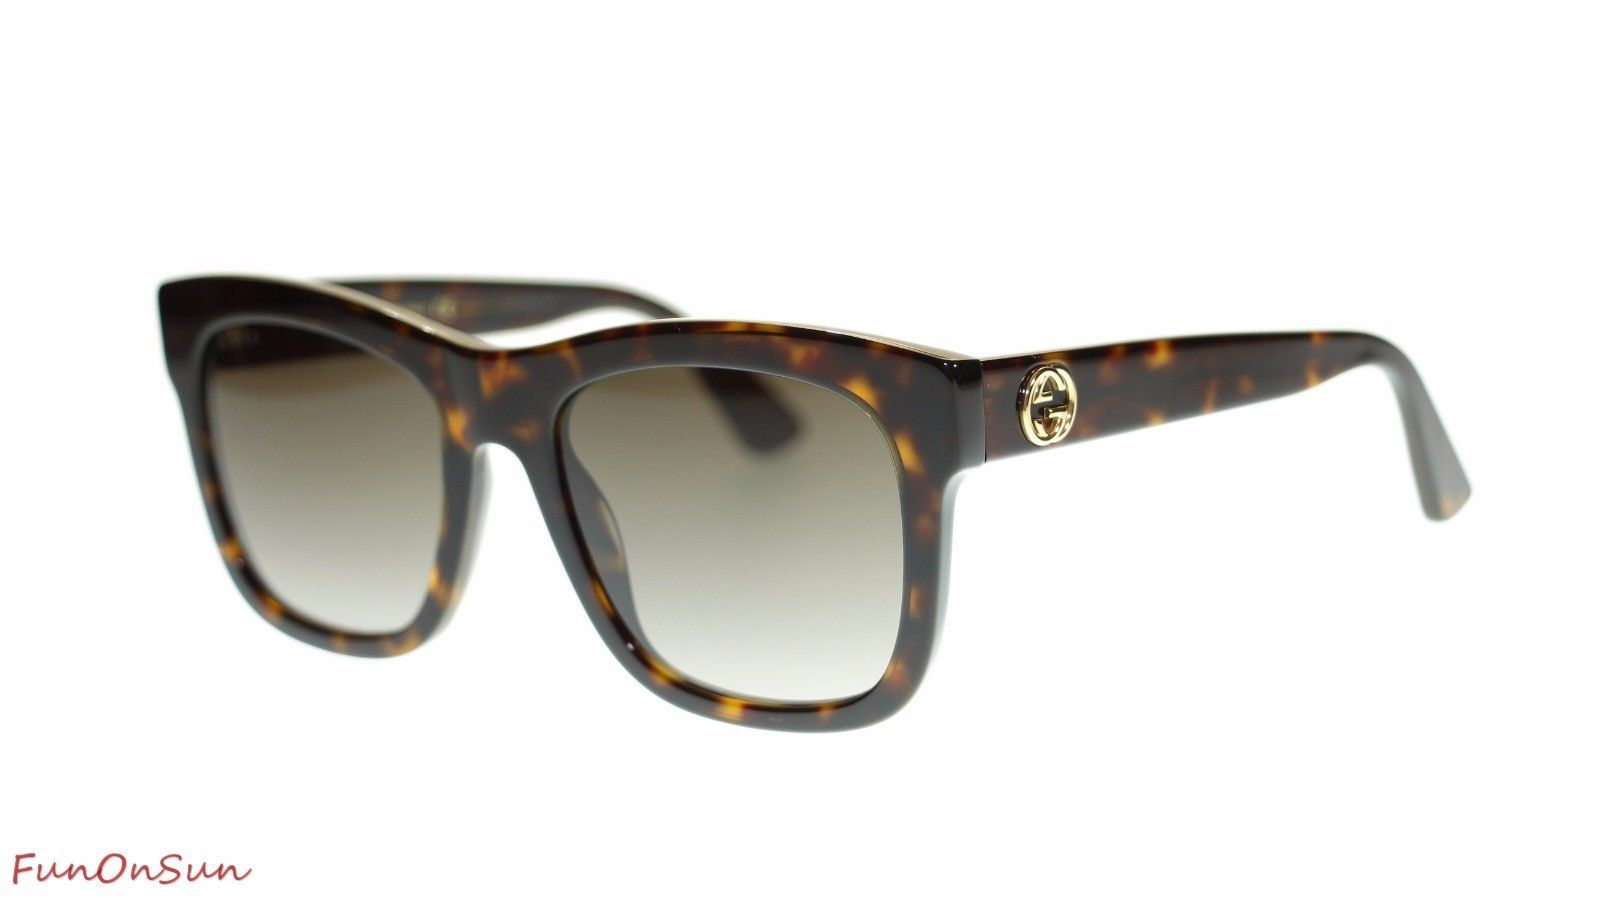 7e1b3bd219 S l1600. S l1600. Previous. Gucci Women Rectangular Sunglasses GG0032S 002  Havana Brown Lens 54mm Authentic